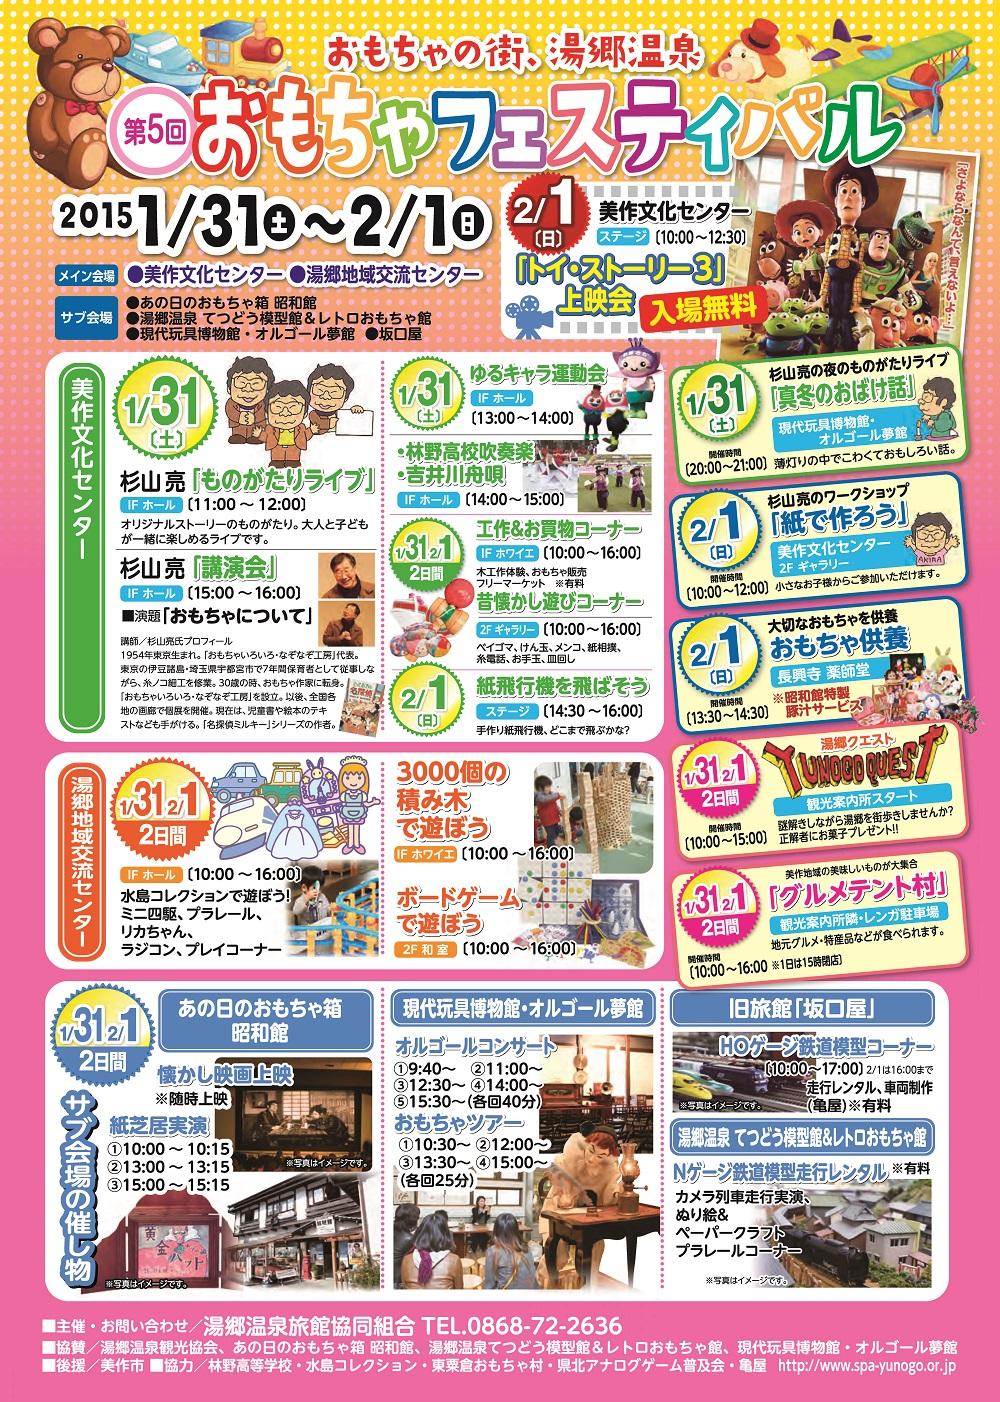 2015おもちゃフェスA4チラシ  s